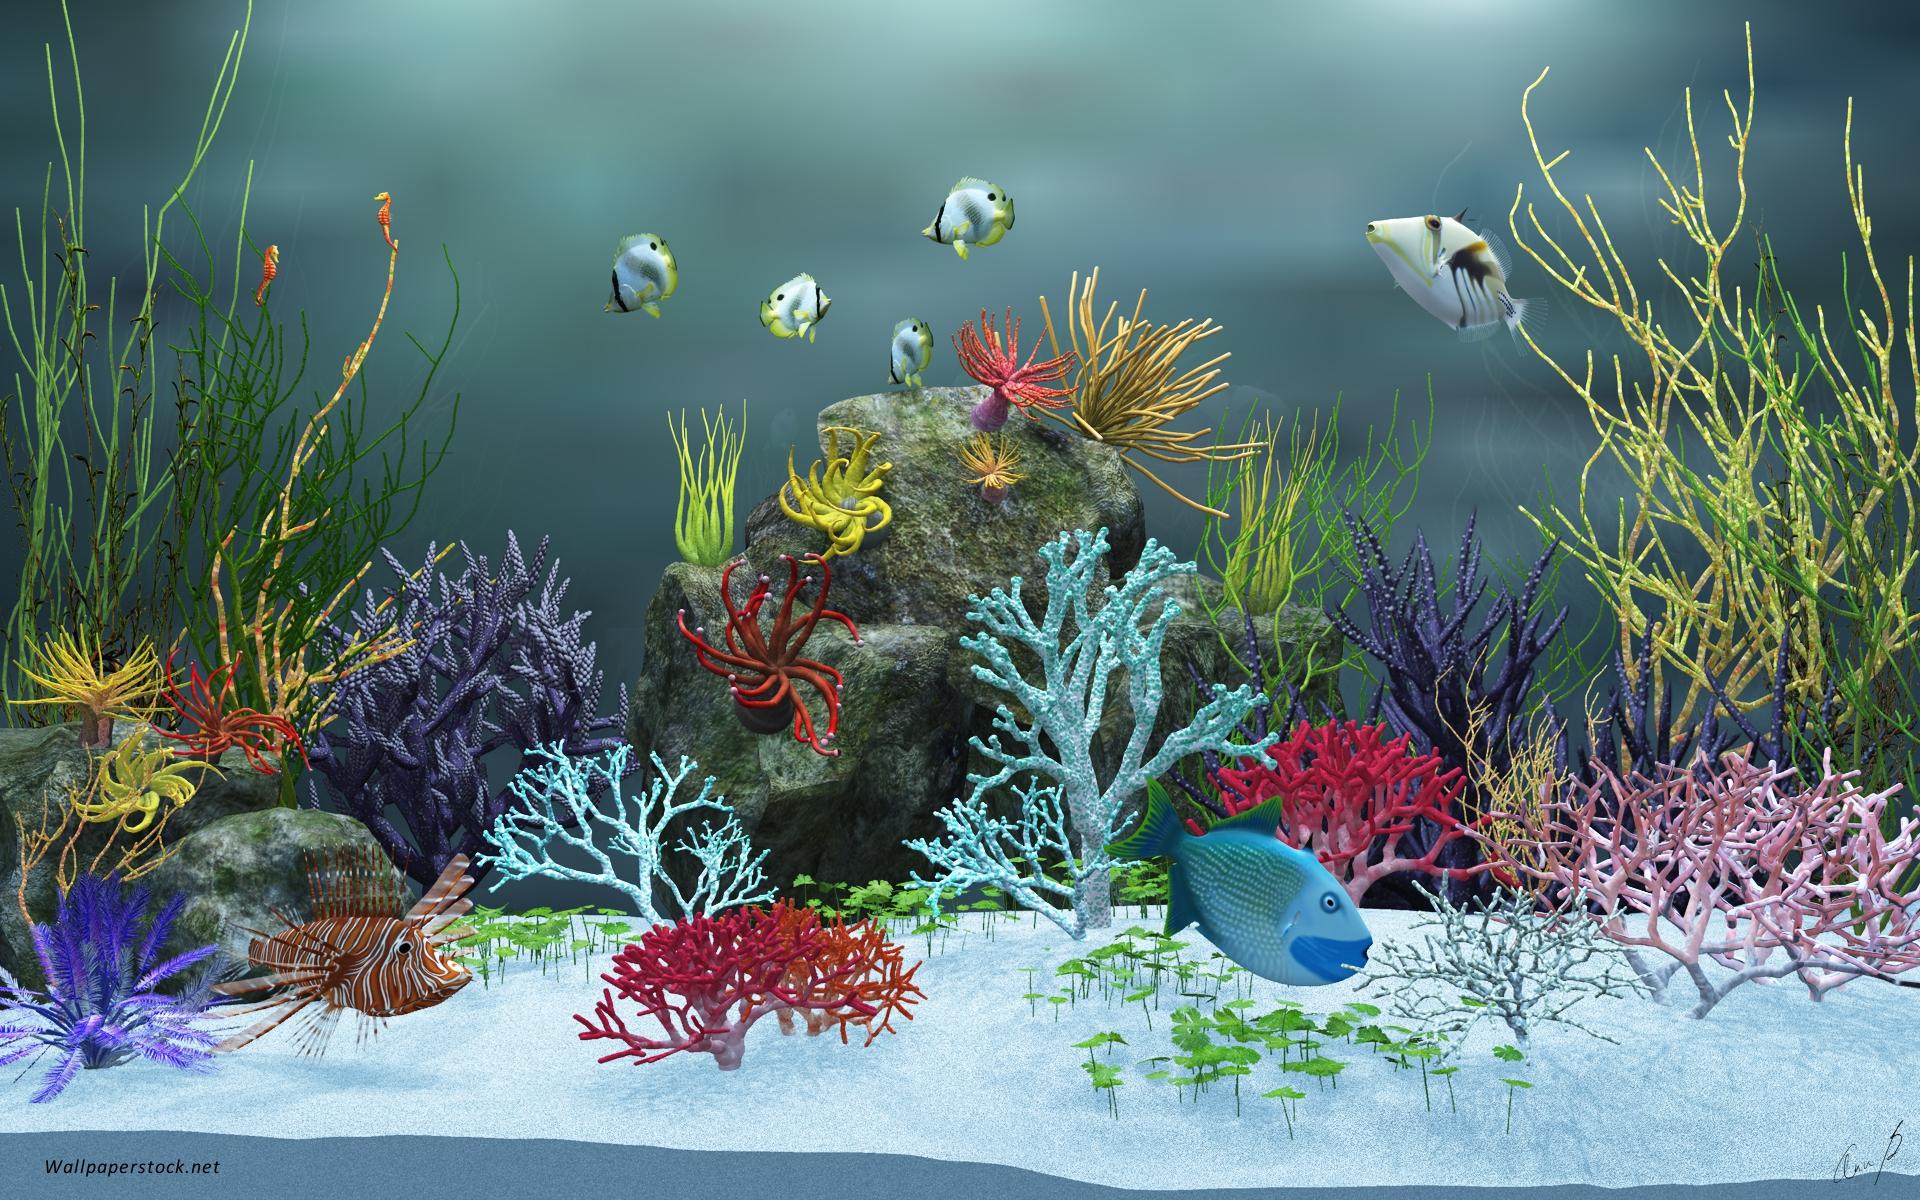 aquarium wallpapers wallpaper 1920x1200 1920x1200